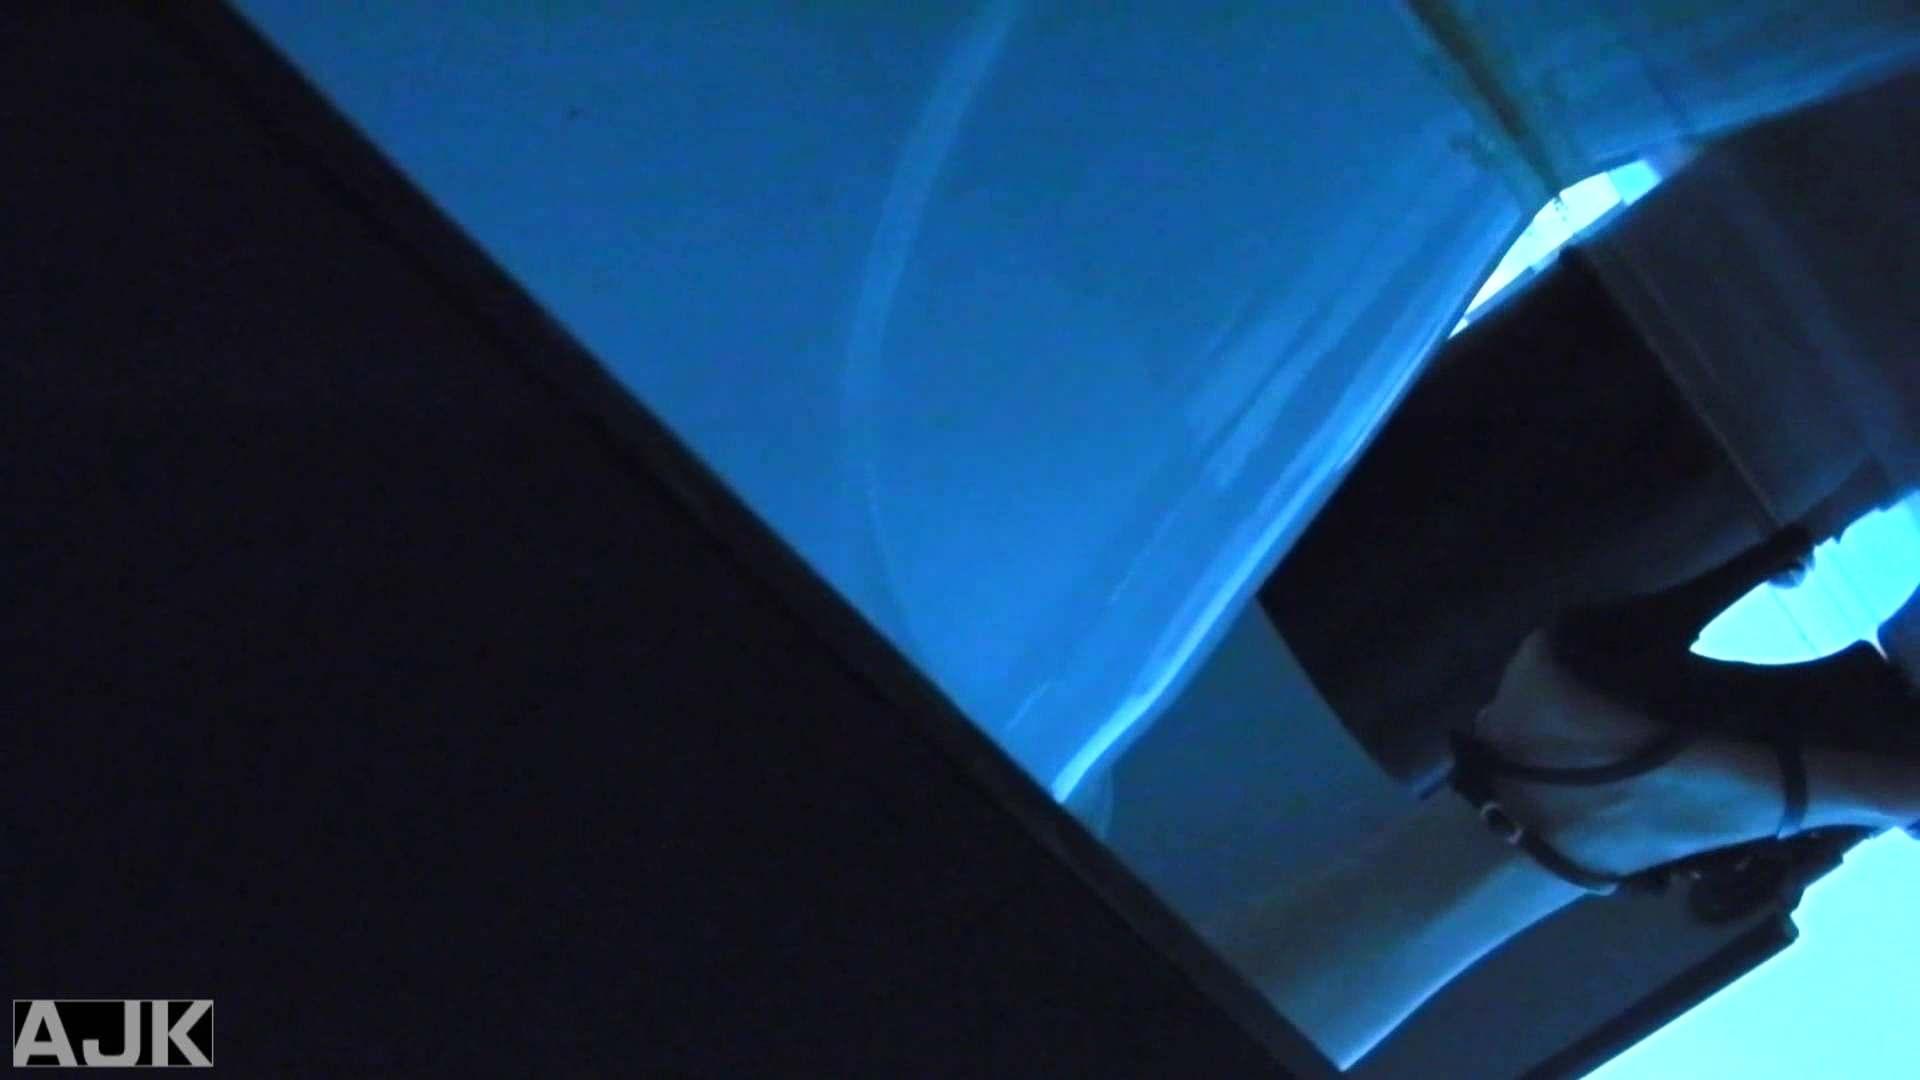 隣国上階級エリアの令嬢たちが集うデパートお手洗い Vol.12 オマンコ見放題 スケベ動画紹介 99枚 39